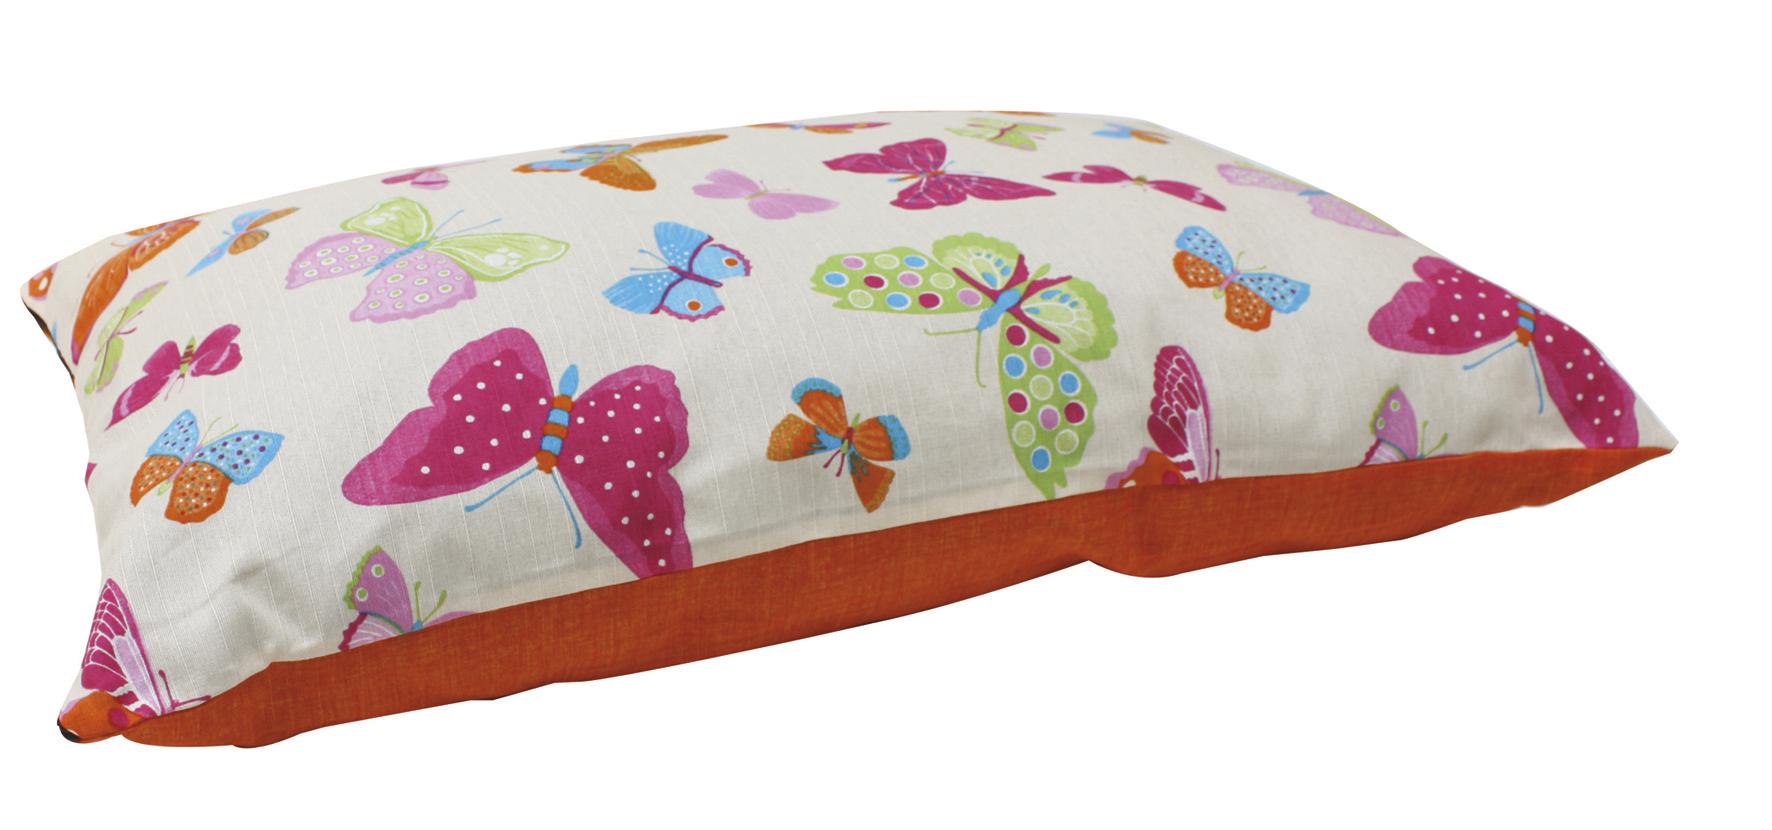 Матрац прямоугольный Бабочки, 70*100 смДомики, лежаки, когтеточки<br><br><br>Артикул: C2078023<br>Бренд: Croci<br>Родина бренда: Италия